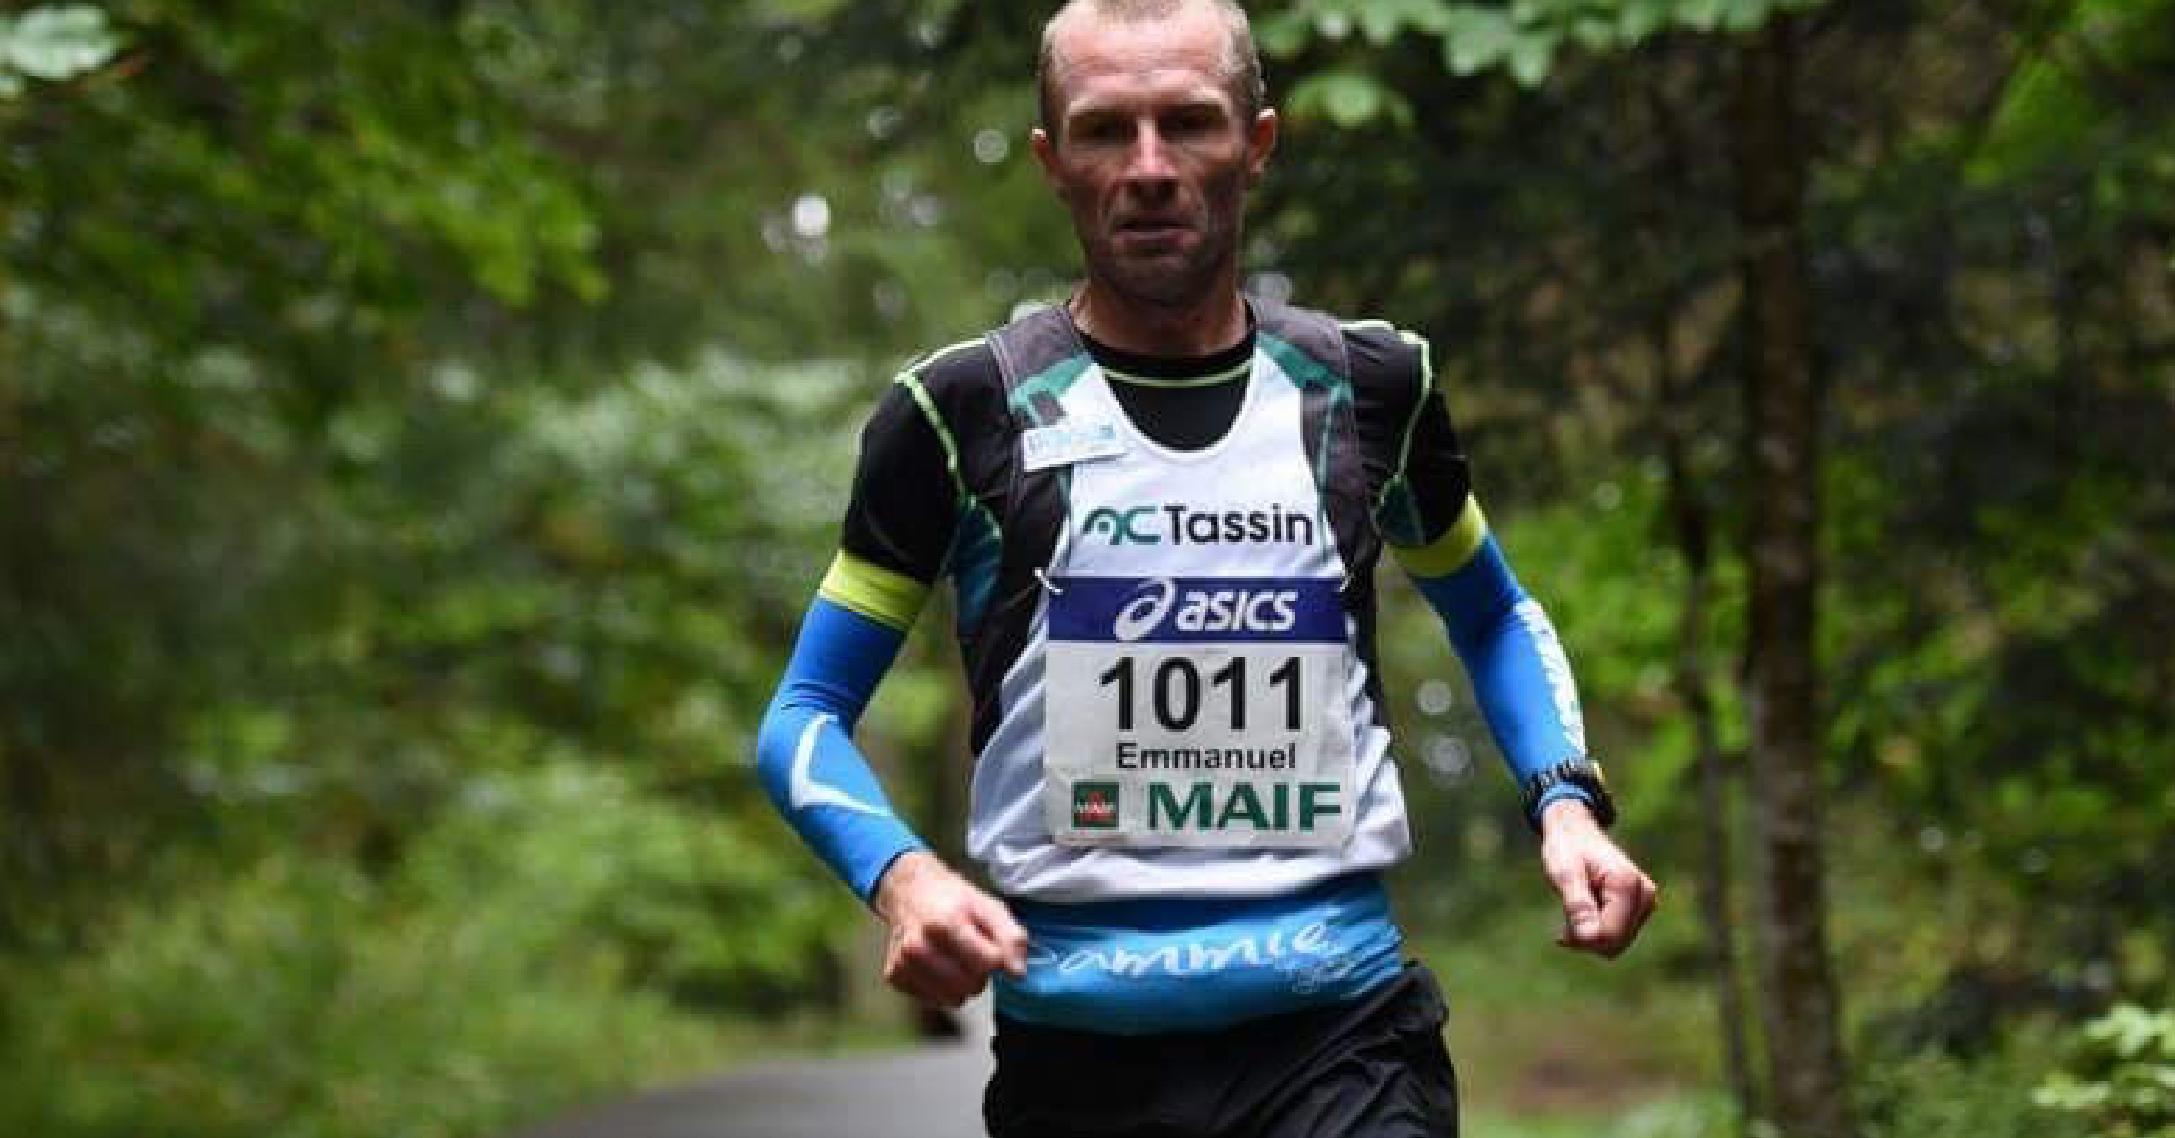 Manu Meyssat portant la Sammie® V2 à l'occasion d'un trail en compétition